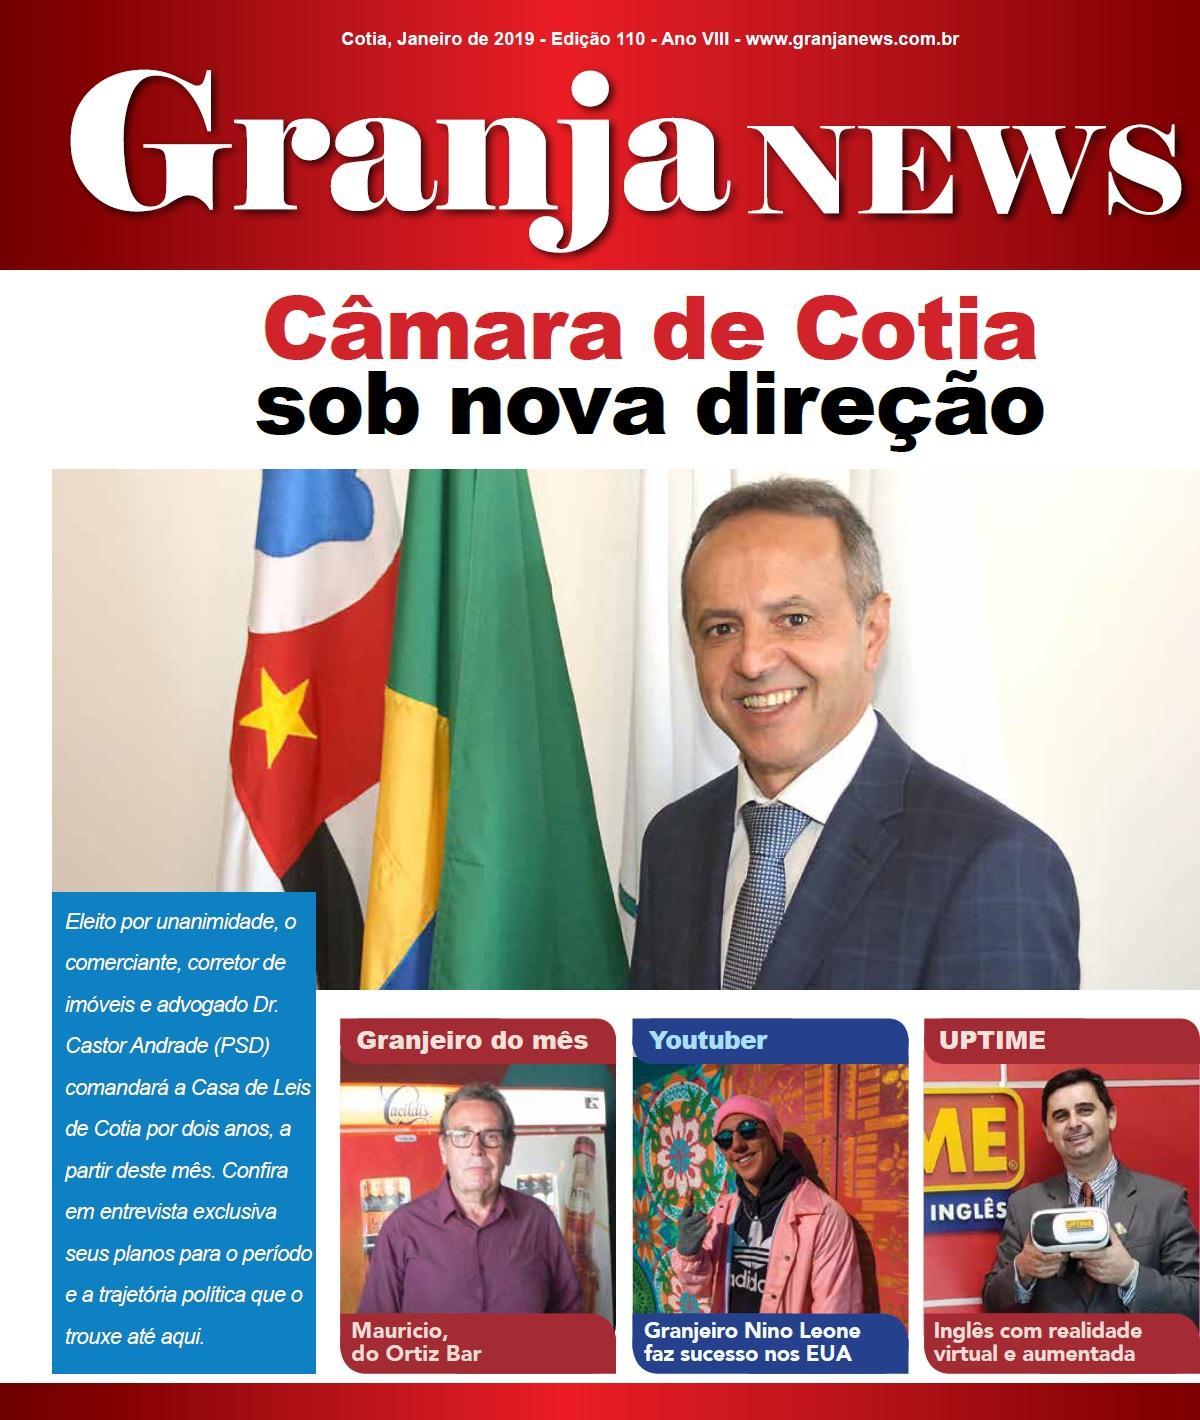 capa da edição 109 do jornal Granja News